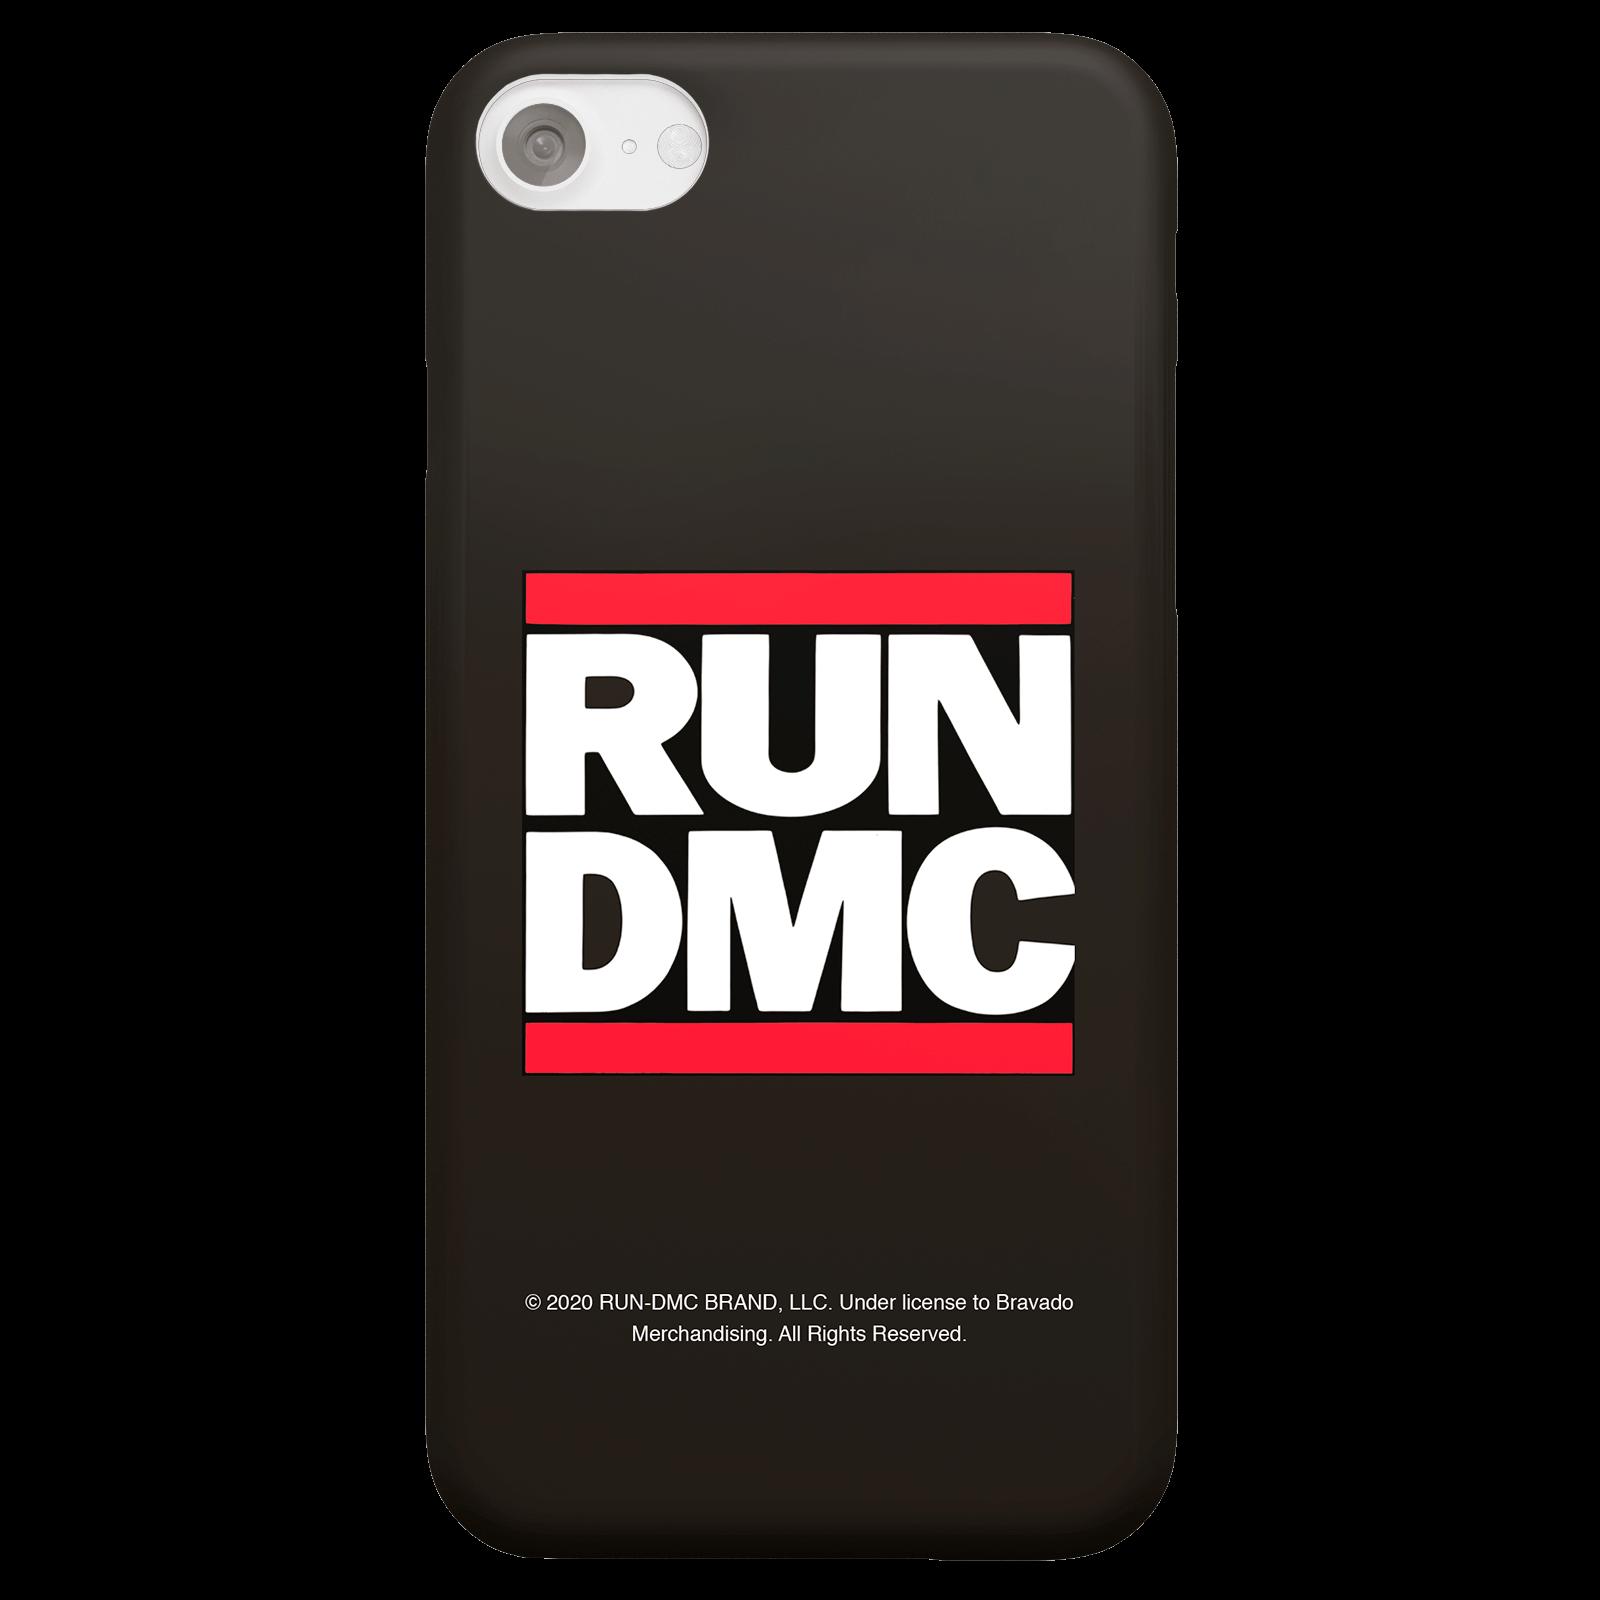 RUN DMC Smartphone Hülle für iPhone und Android - iPhone 8 Plus - Snap Hülle Matt